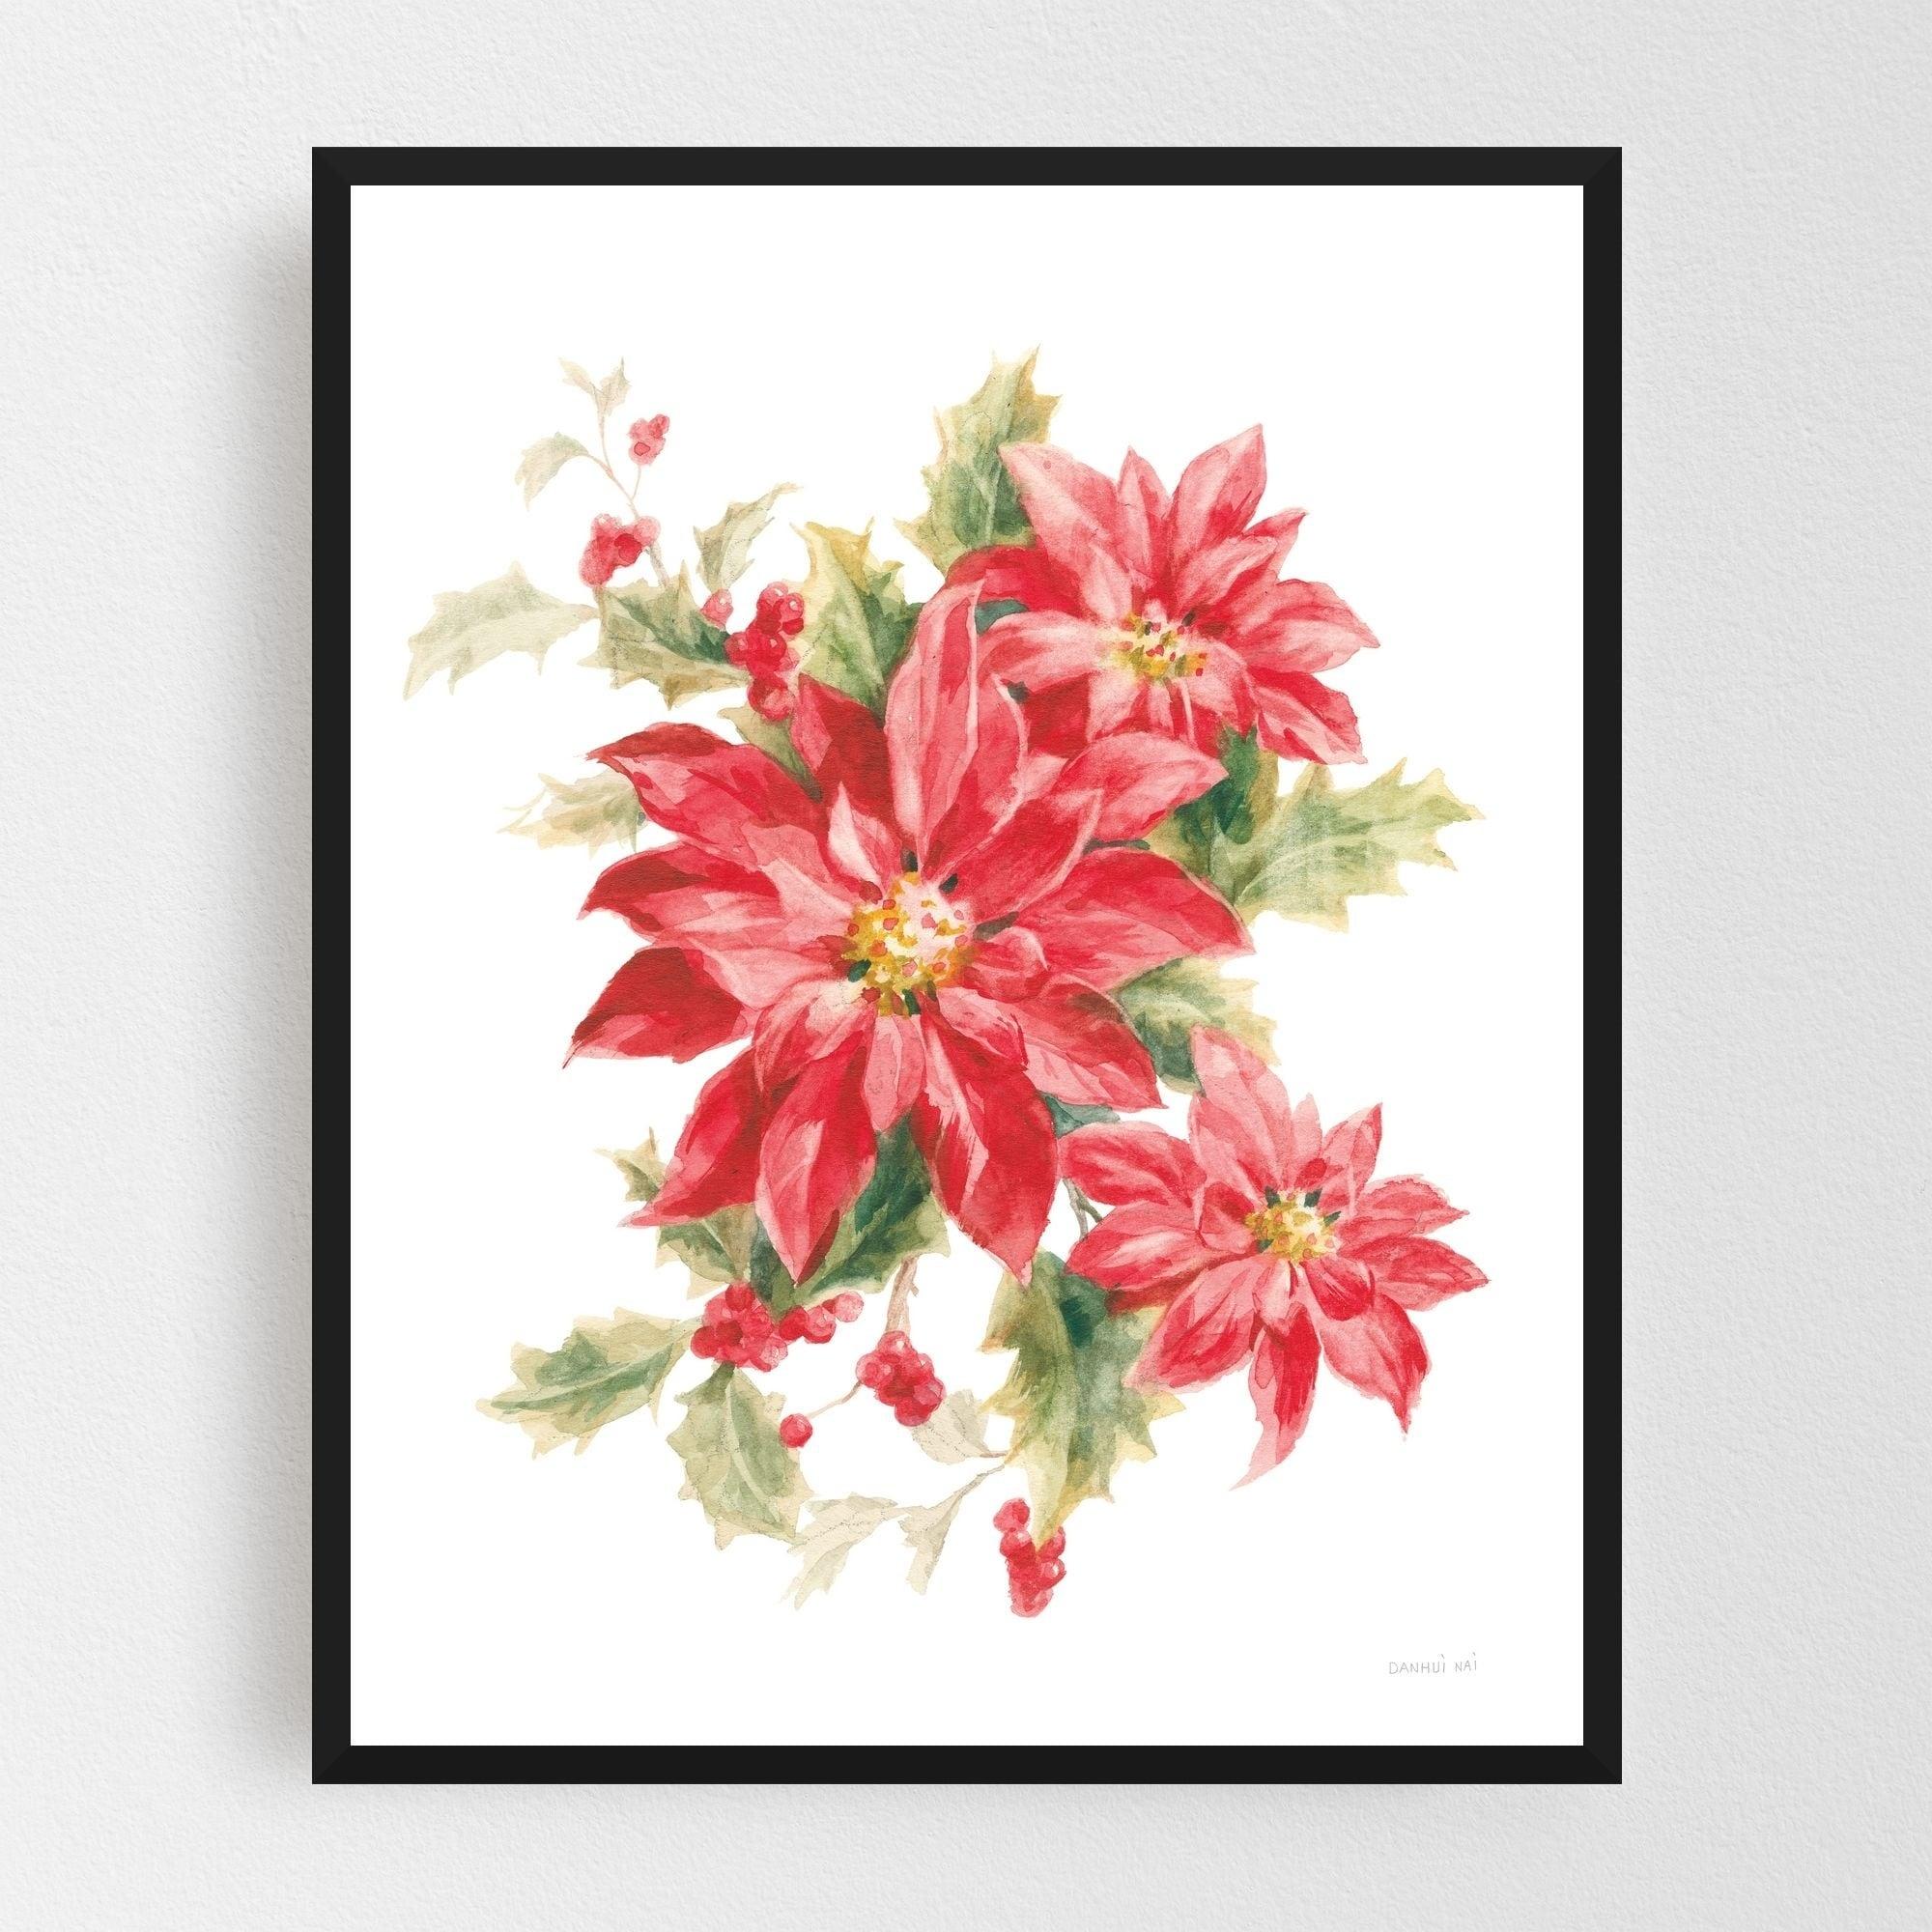 Noir Gallery Rural Floral Holiday Illustration Framed Art Print